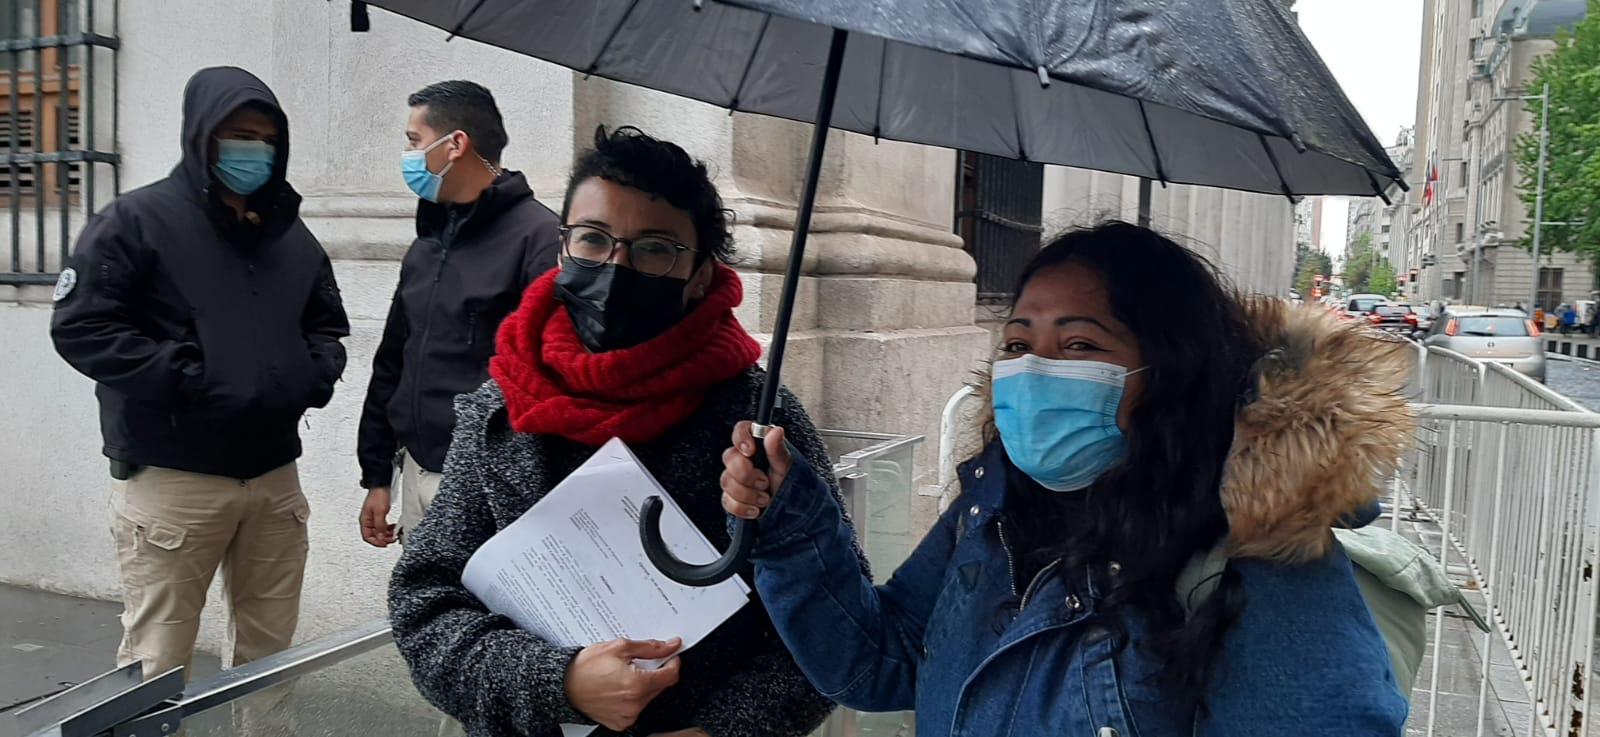 Organizaciones de Iquique entregan petitorio en La Moneda con demandas para abordar crítica situación migratoria y humanitaria